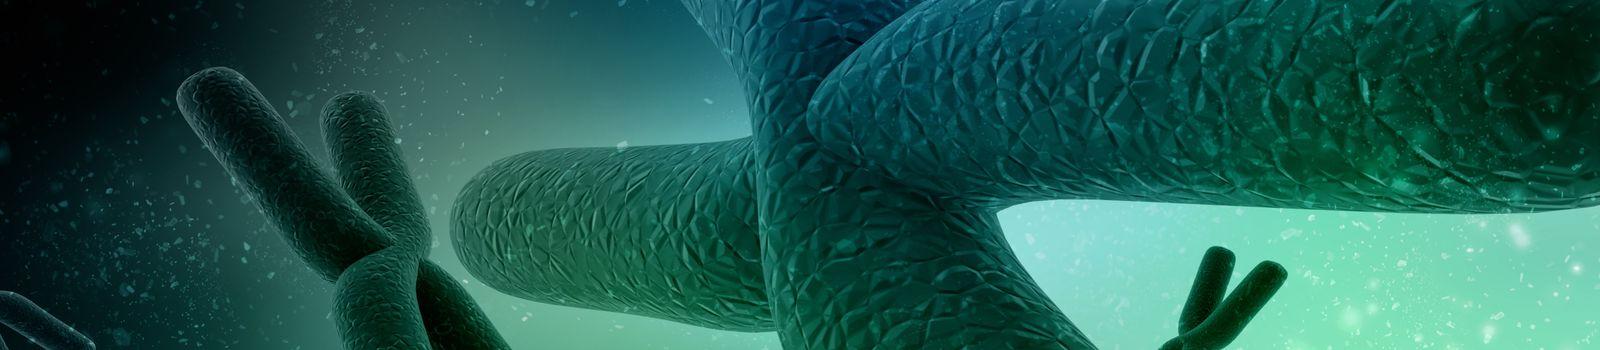 3d rendering chromosomes